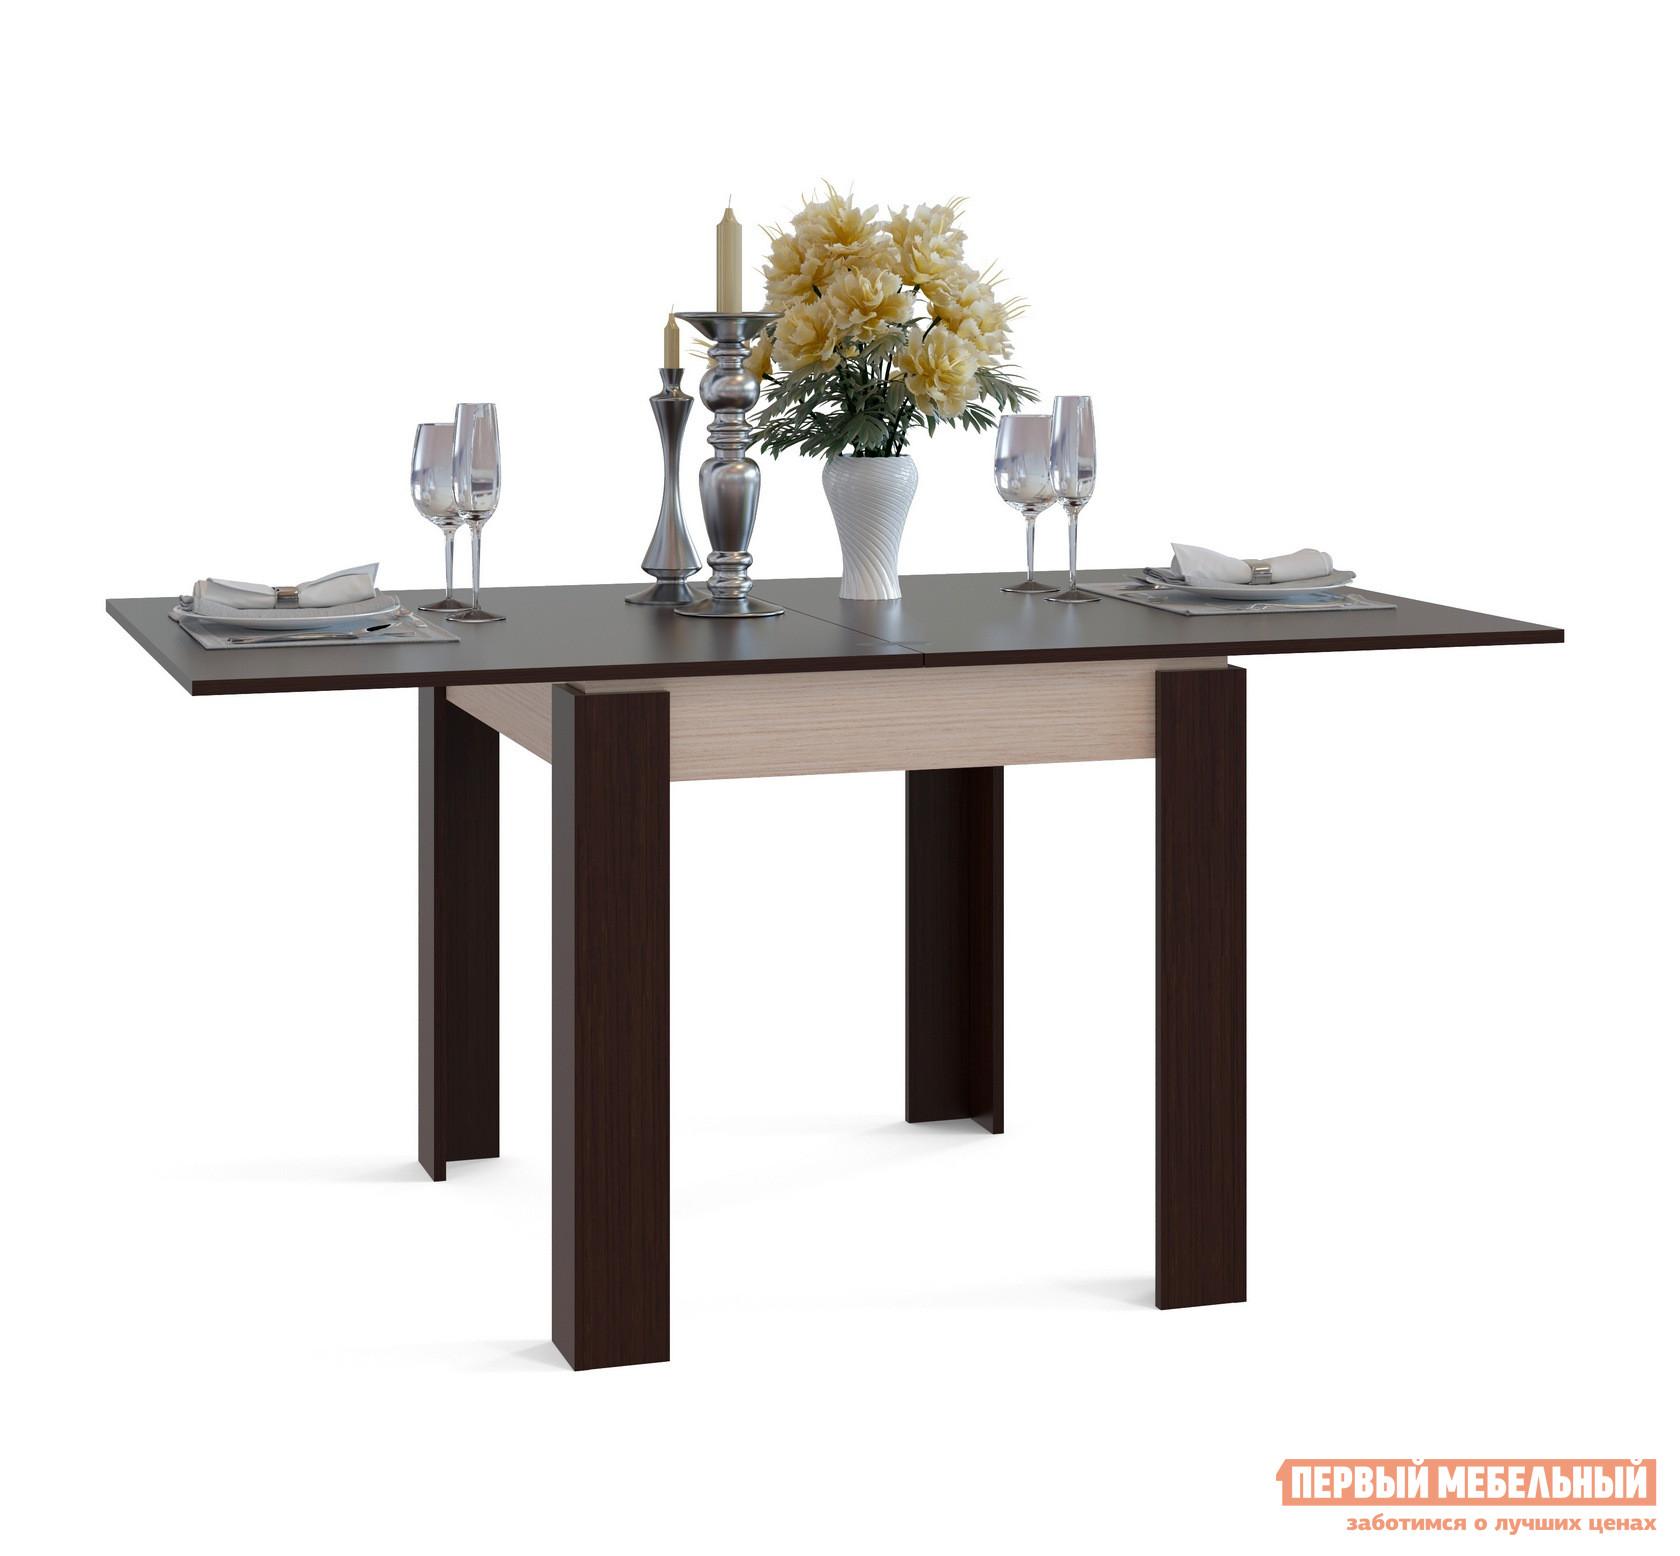 Кухонный стол Сокол СО-2 Подстолье Беленый дуб / Столешница, ножки ВенгеКухонные столы<br>Габаритные размеры ВхШхГ 772 / 756x800 / 1600x900  мм. Стильный обеденный стол, выполненный в сочетании контрастных оттенков.  Модель привлекает внимание оригинальным угловым оформлением ножек, которое создает ощущение массивности и уюта.  Лаконичный дизайн стола делает его универсальным элементом как для классического, так и современного интерьера кухни. Стол оборудован раскладным механизмом, который увеличивает ширину столешницы до 1600 мм.  Чтобы разложить стол, нужно отодвинуть столешницу и раскрыть ее как книжку.  Легко и удобно. Изделие изготавливается из ЛДСП толщиной 16 мм. Столешница обработана кромкой ПВХ толщиной 2 мм, остальные детали в кромке ПВХ 0,4 мм. Рекомендуем сохранить инструкцию по сборке (паспорт изделия) до истечения гарантийного срока.<br><br>Цвет: Подстолье Беленый дуб / Столешница, ножки Венге<br>Цвет: Темное-cветлое дерево<br>Высота мм: 772 / 756<br>Ширина мм: 800 / 1600<br>Глубина мм: 900<br>Кол-во упаковок: 1<br>Форма поставки: В разобранном виде<br>Срок гарантии: 2 года<br>Тип: Раскладные, Трансформер<br>Материал: Деревянные, из ЛДСП<br>Форма: Прямоугольные<br>Размер: Маленькие